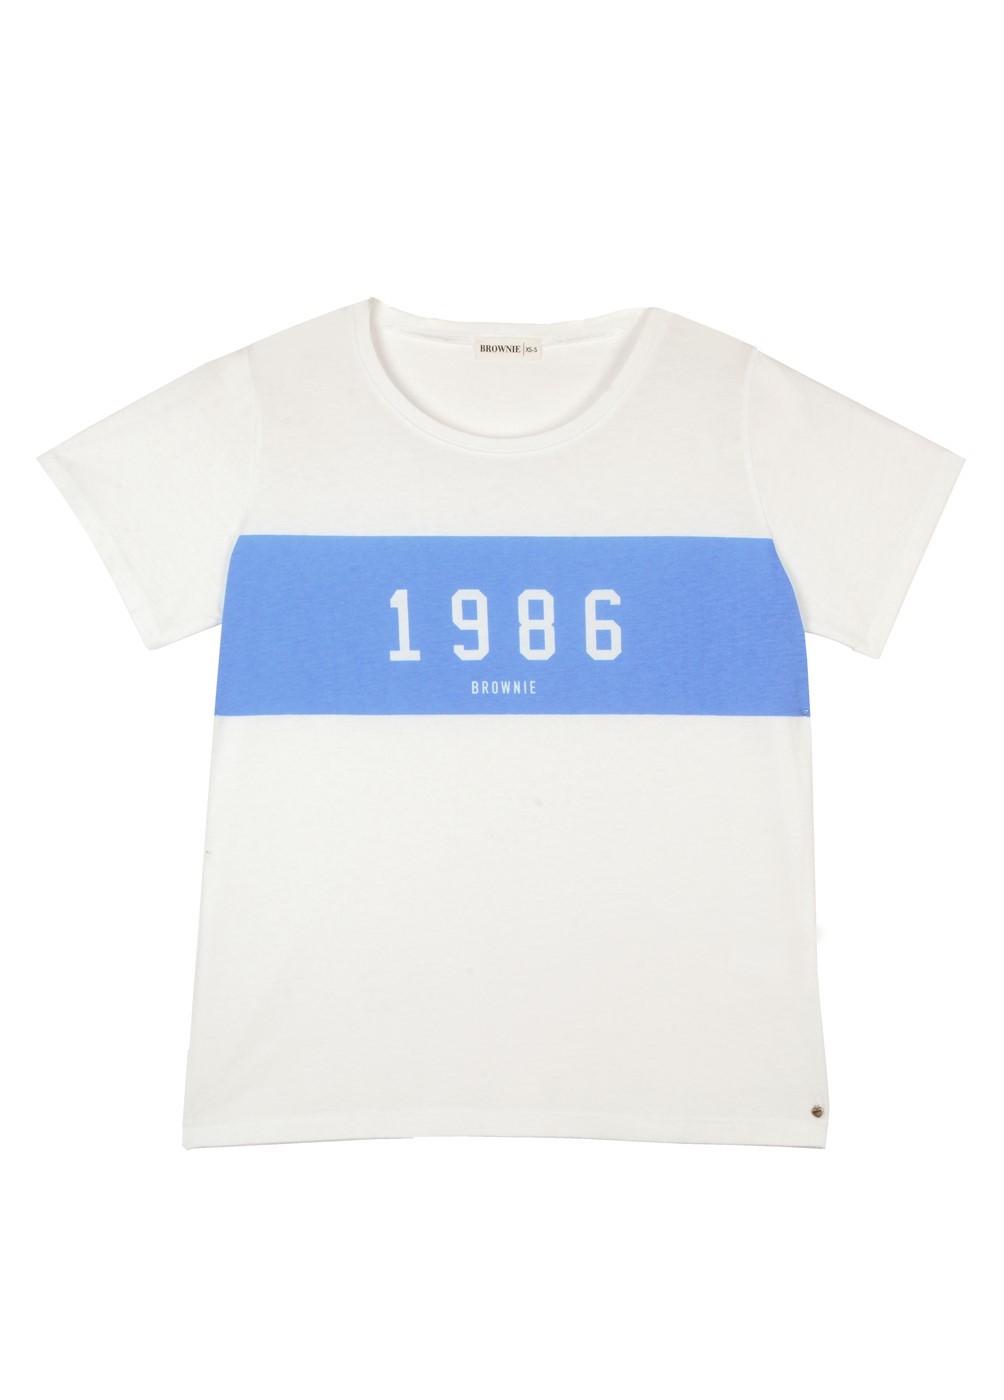 CAMISETA M/C ESTAMPADA 1986 TIMES